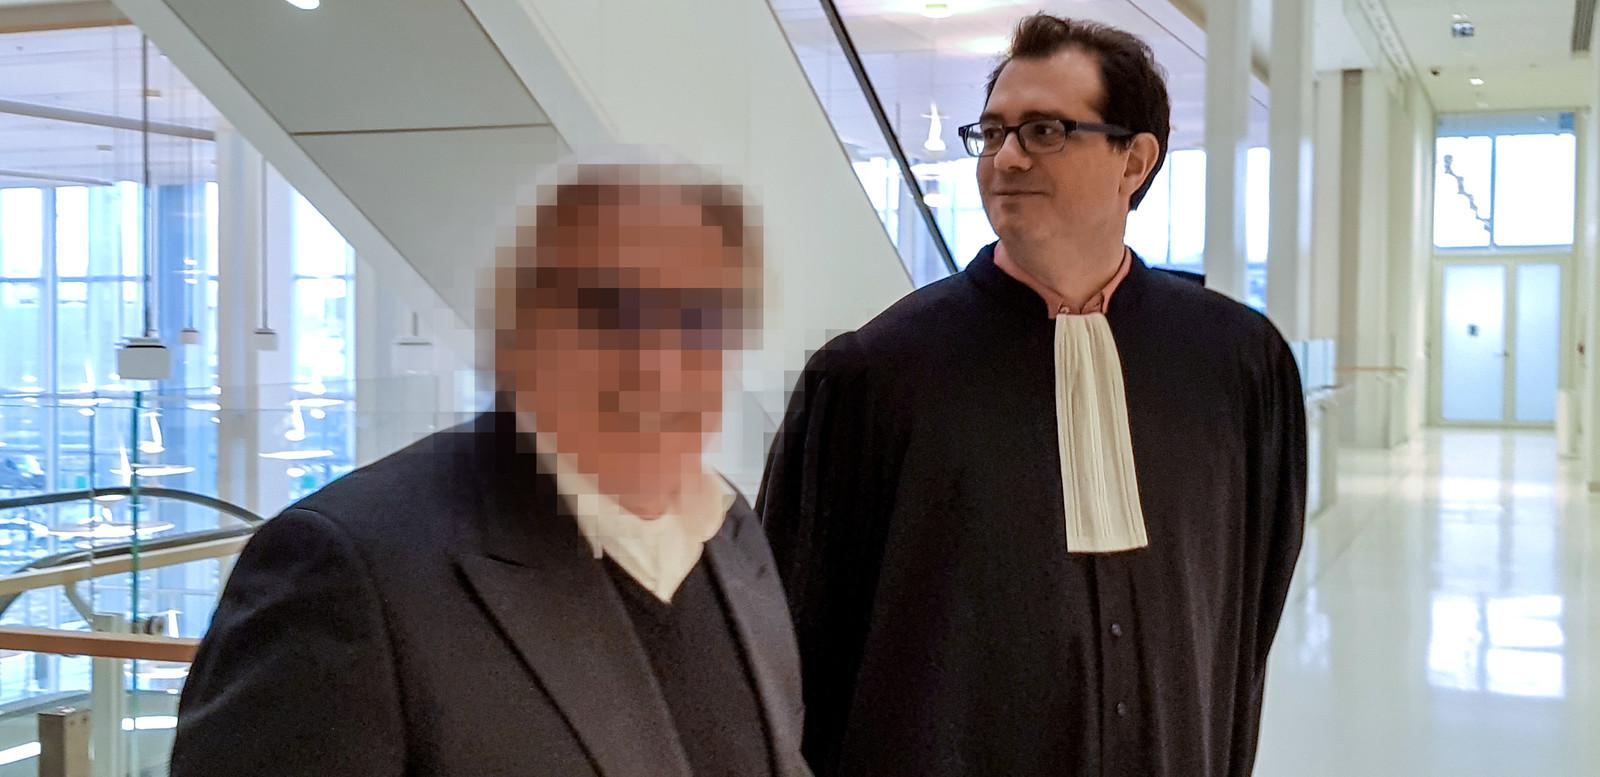 Jan F. voor de rechtbank tijdens een eerdere zaak in Frankrijk.